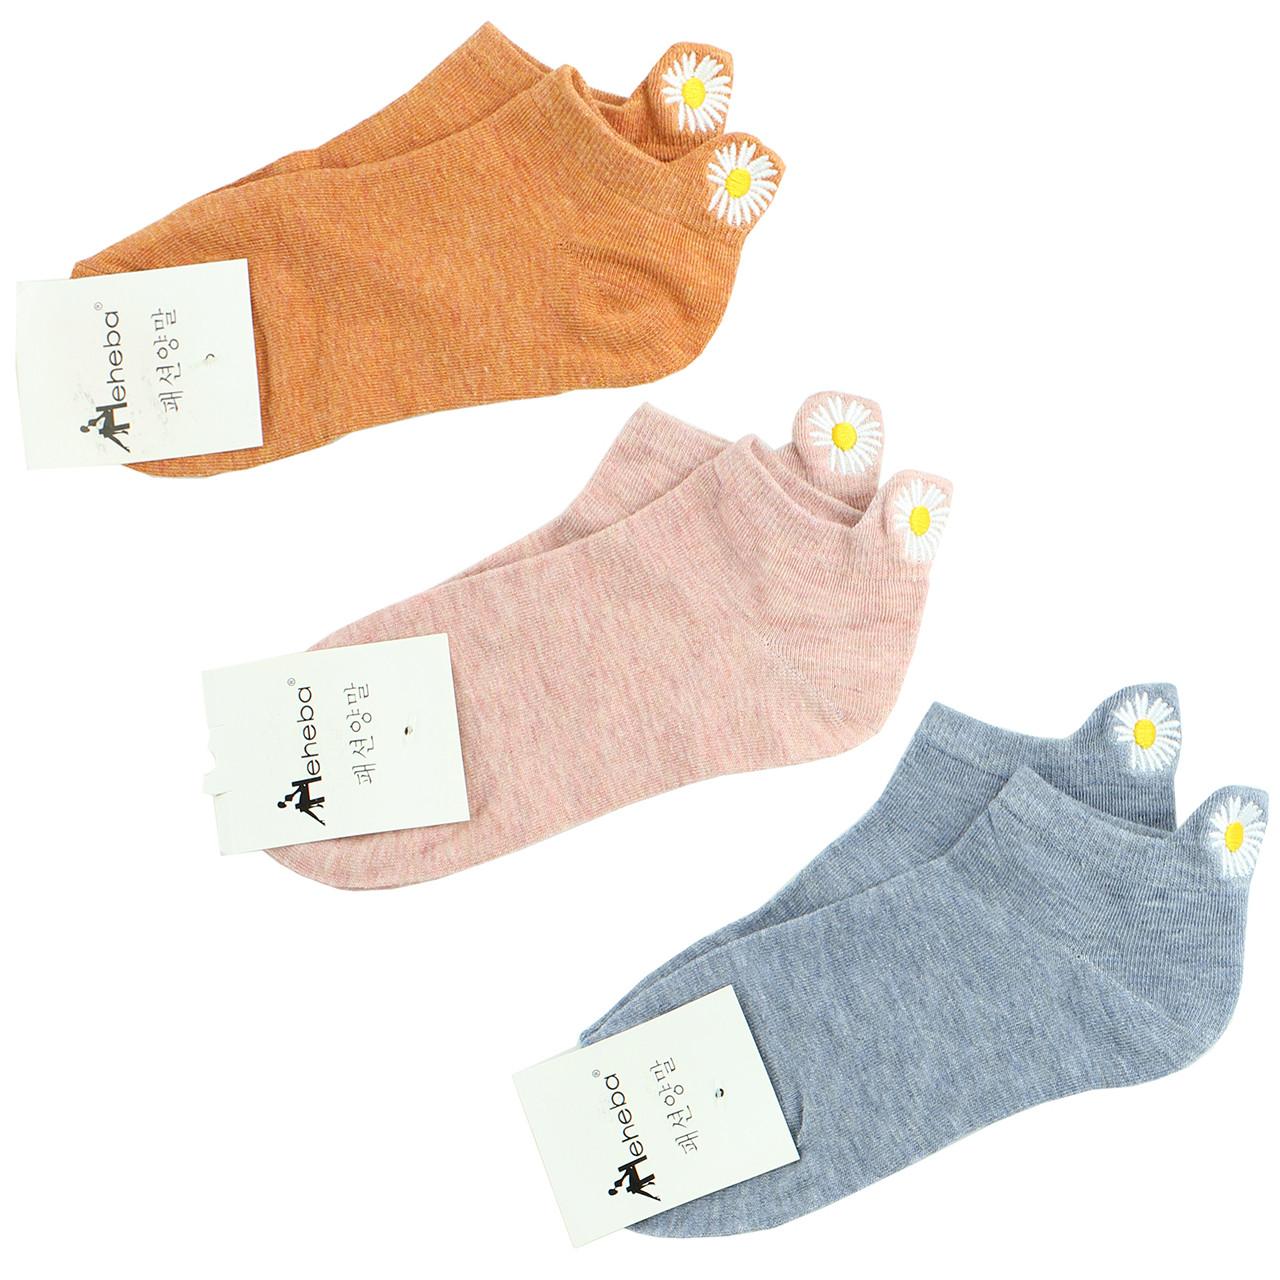 Шкарпетки жіночі бавовняні короткі з вишивкою «Ромашка», 37-41 розмір